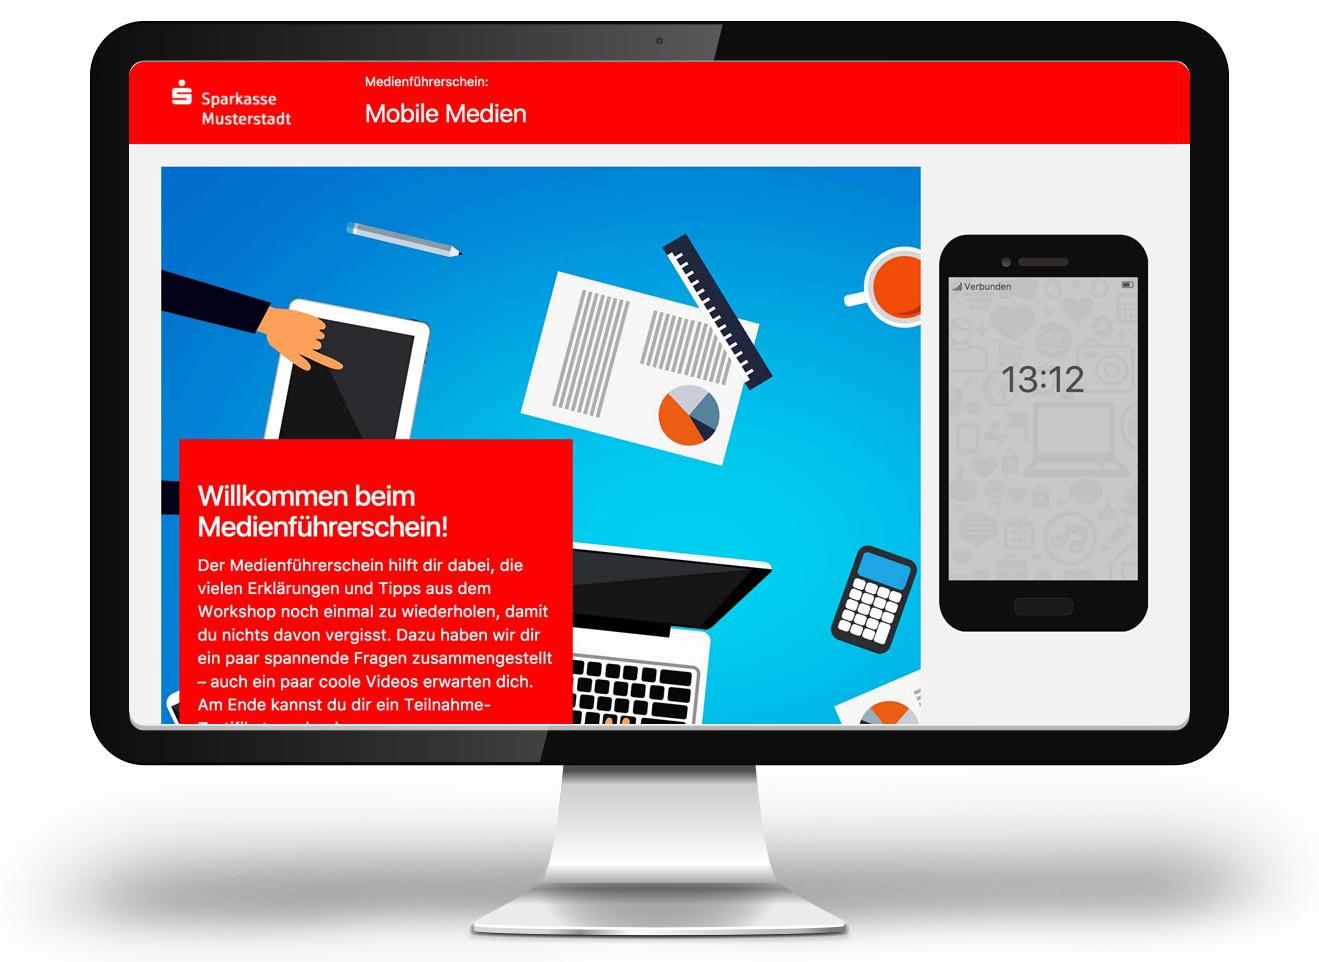 Medienführerschein Screenshot 5